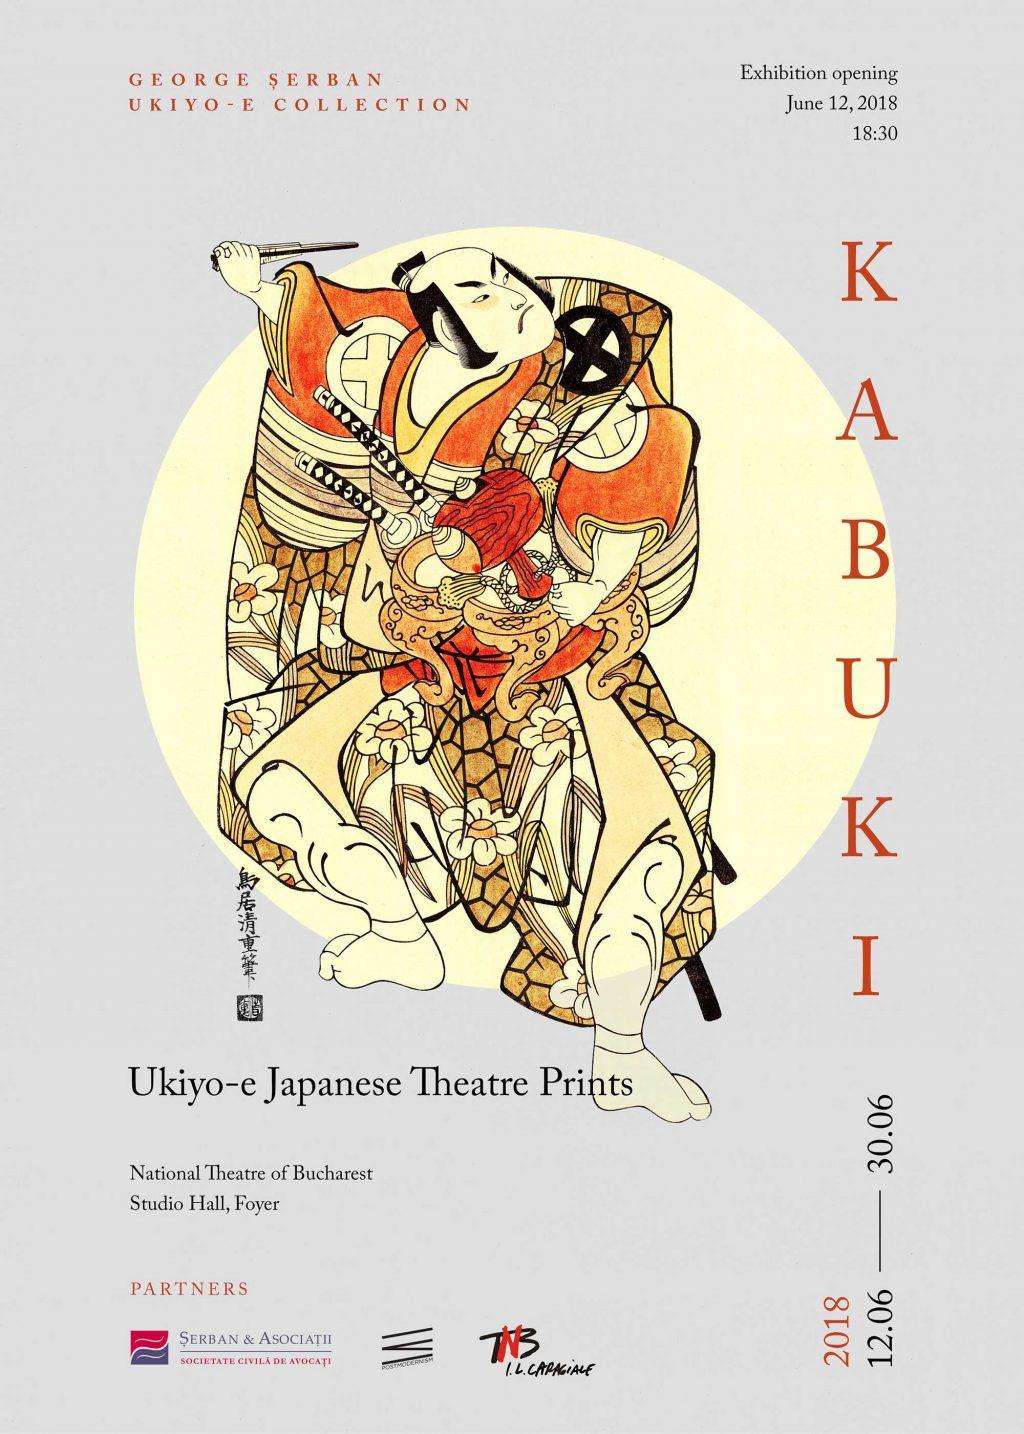 Prima expozitie din Romania de stampe japoneze din secolele XVIII si XIX, cu actori si scene de teatru Kabuki, provenind dintr-o colectie privata